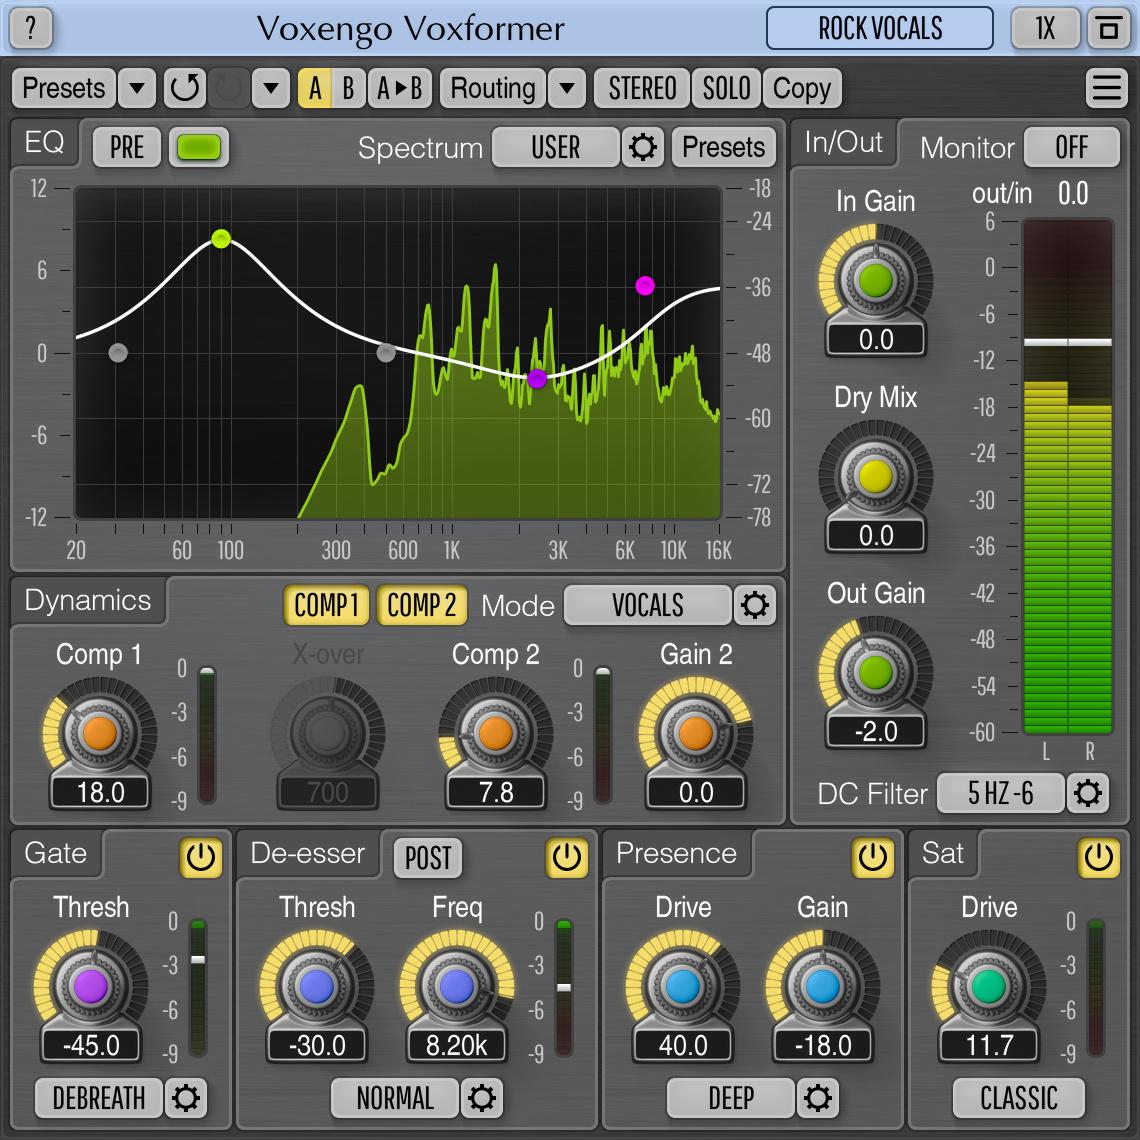 Voxengo Voxformer - impressive or what? - Gearslutz